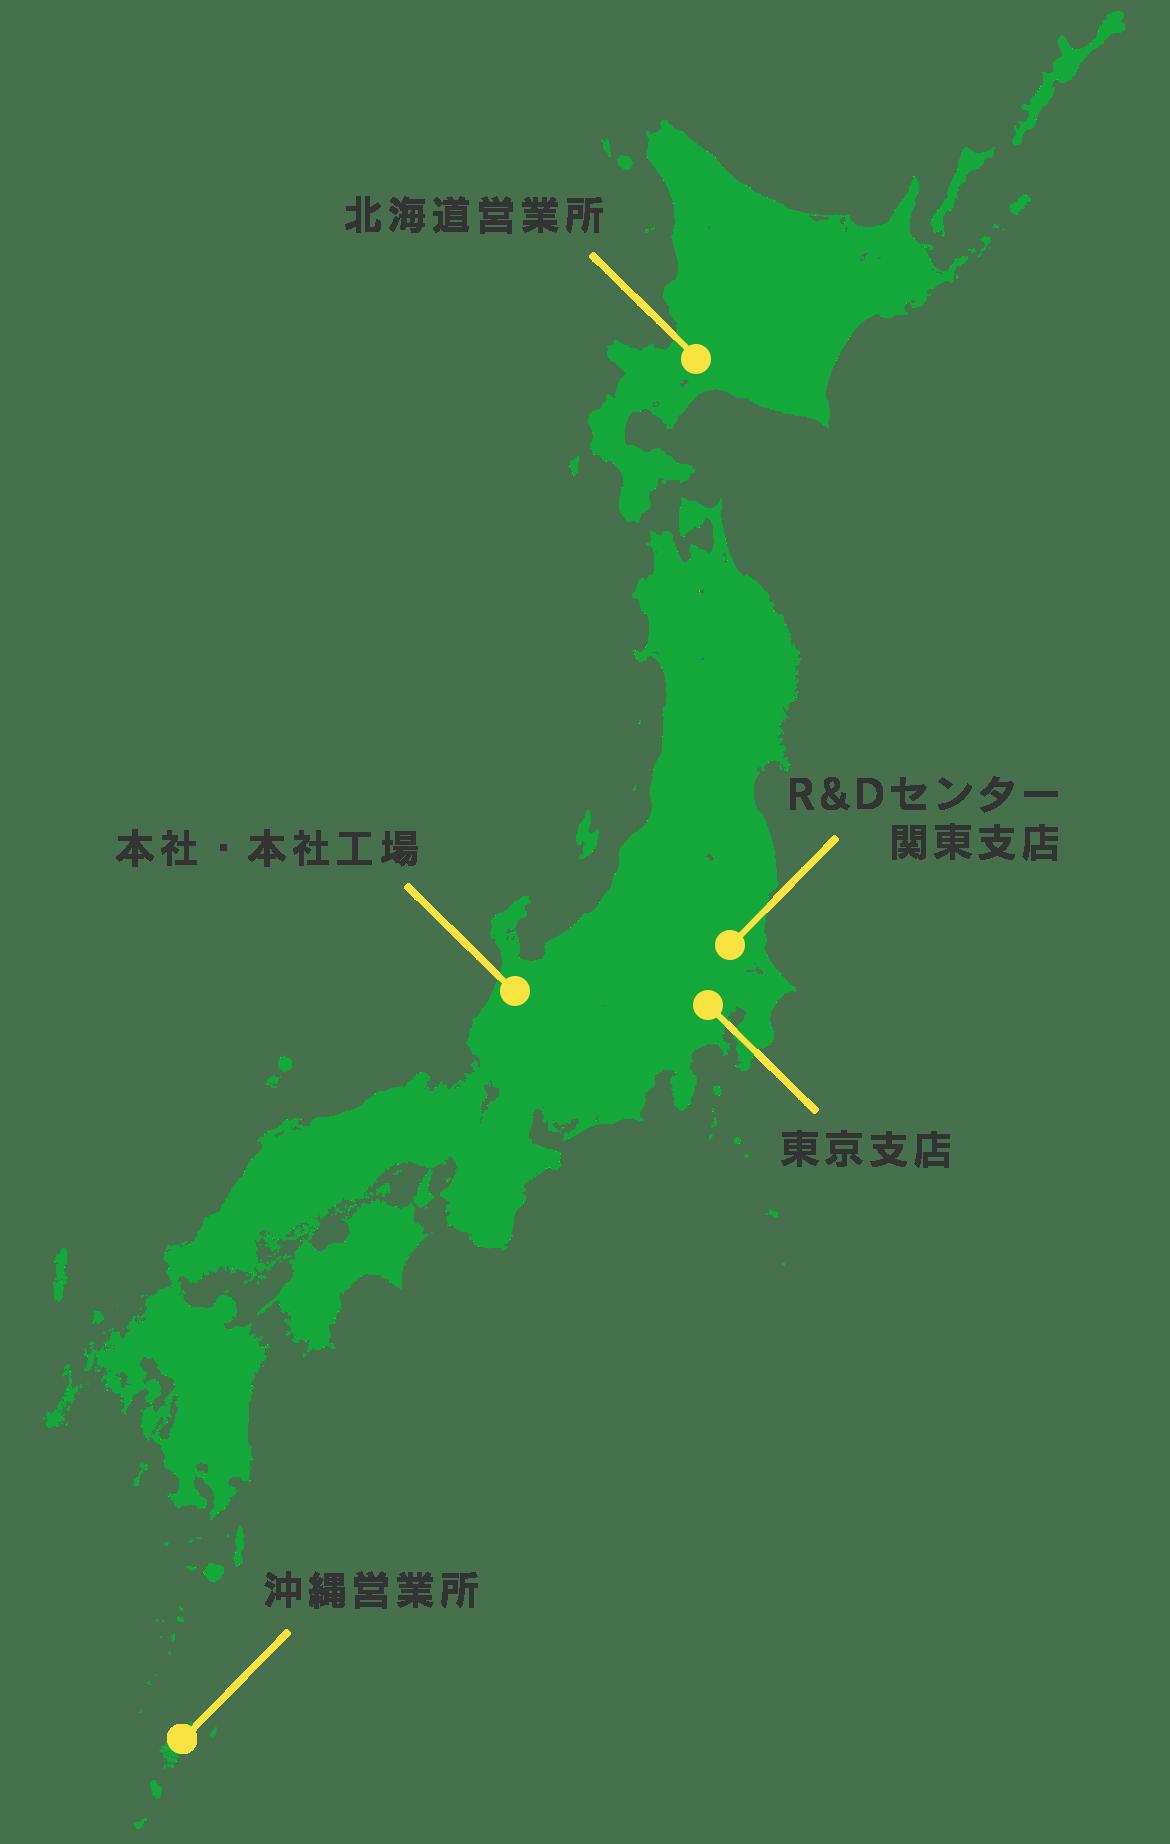 アクトリー全国地図